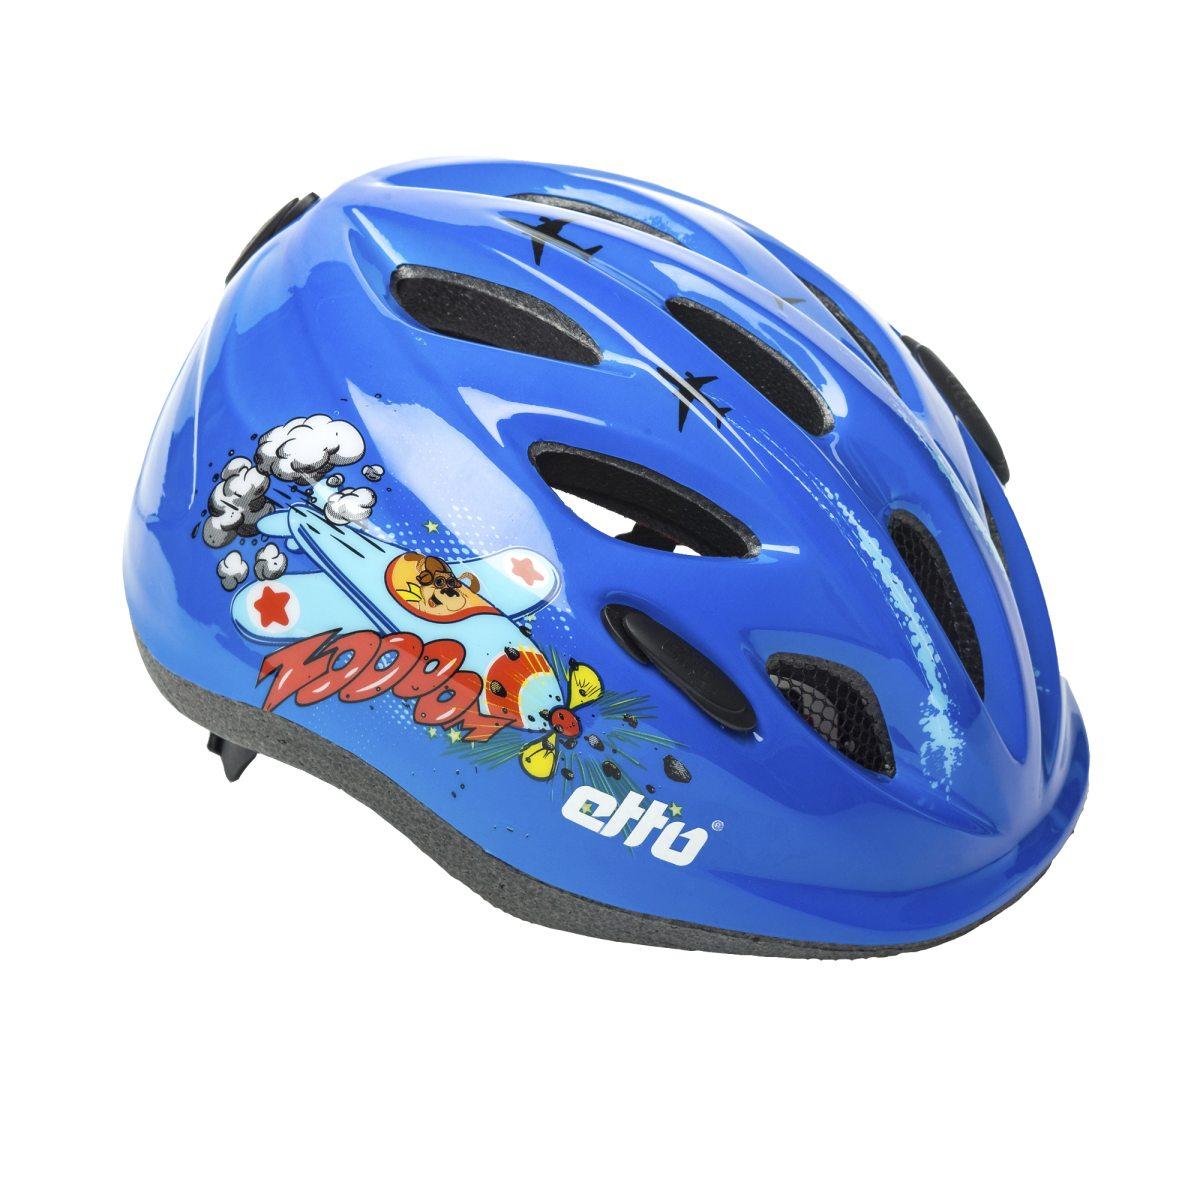 Bästa cykelhjälmen för barn 2019 – Optimal passform och säkerhet ... dbf74cf56d3a9